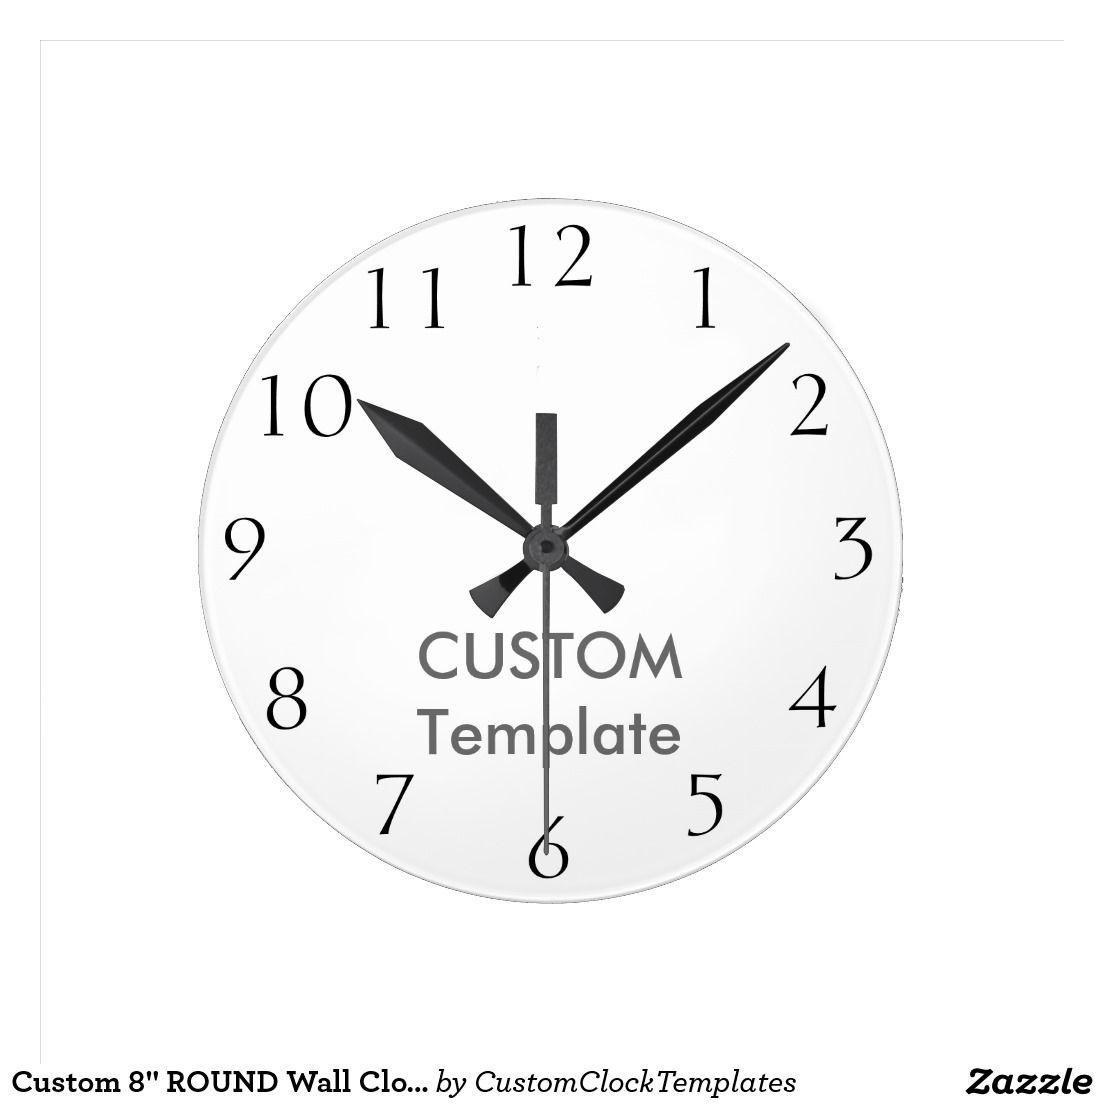 Custom  Round Wall Clock Calhic Press  Custom Clock Templates